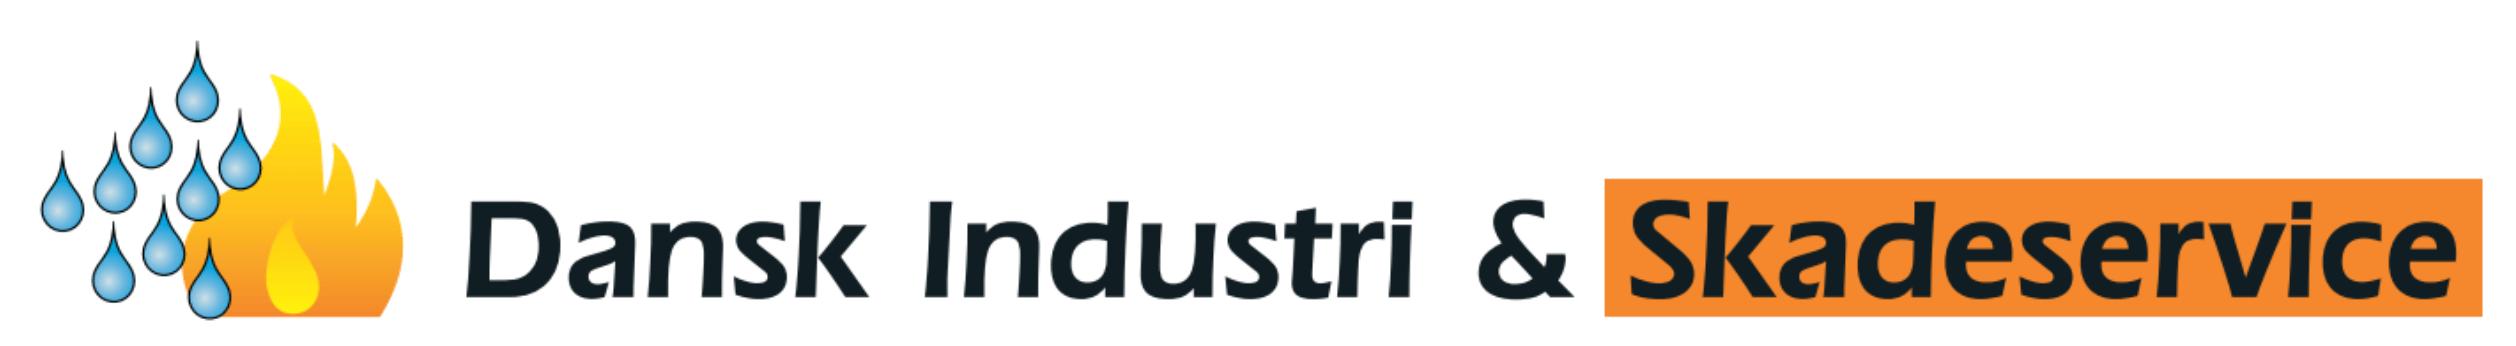 Dansk industri skadeservice